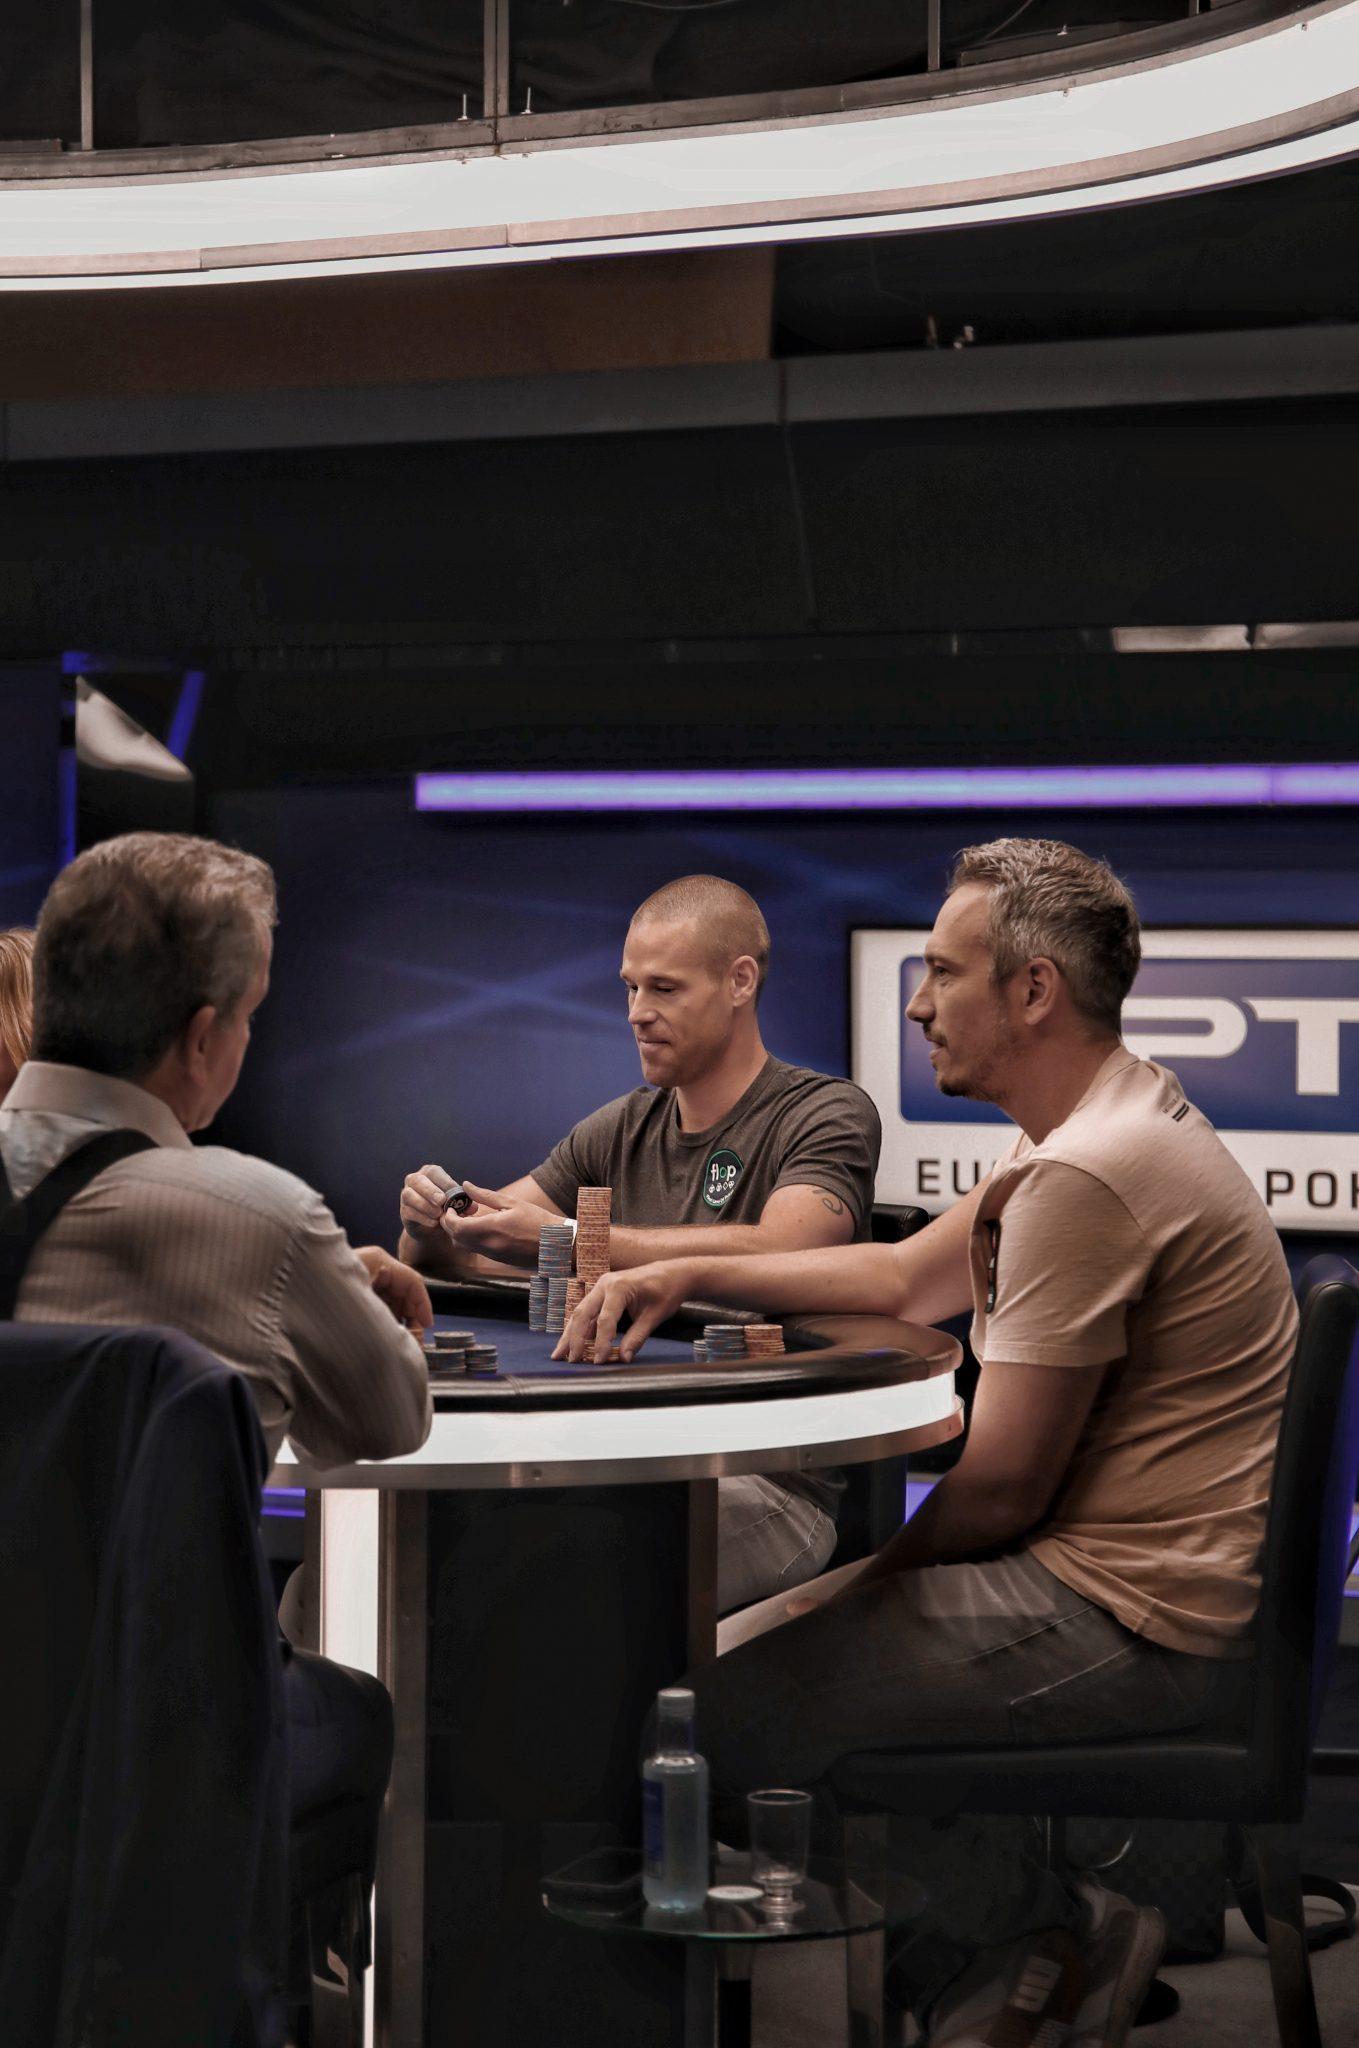 Chris Moneymaker PokerStars EPT Barcelona European Poker Tour 2019